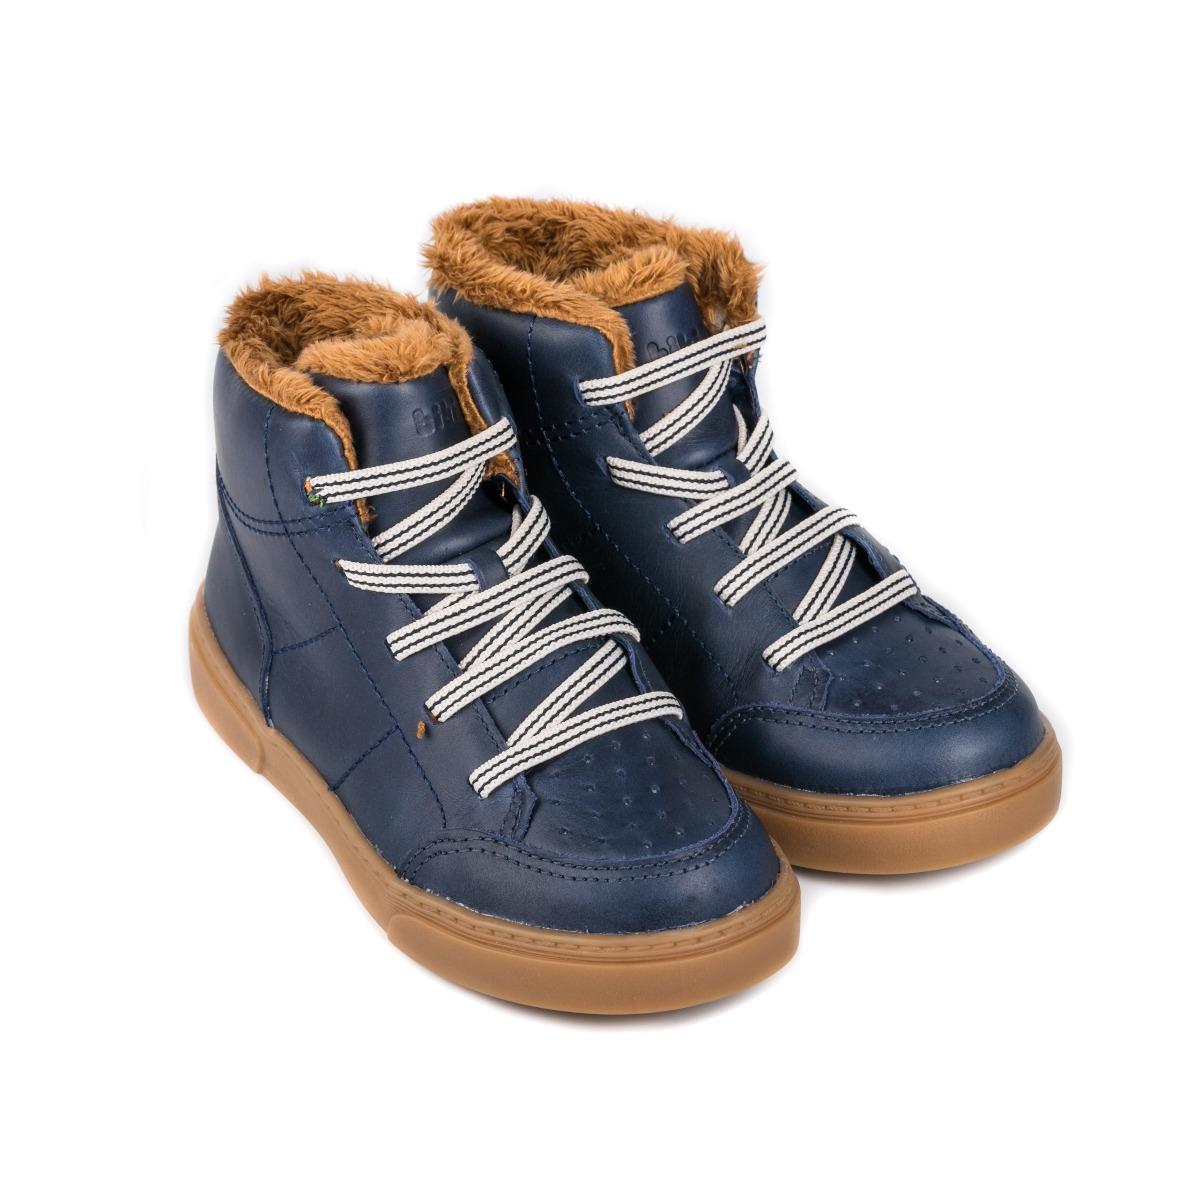 Ghete cu blanita Bibi Shoes On Way Naval